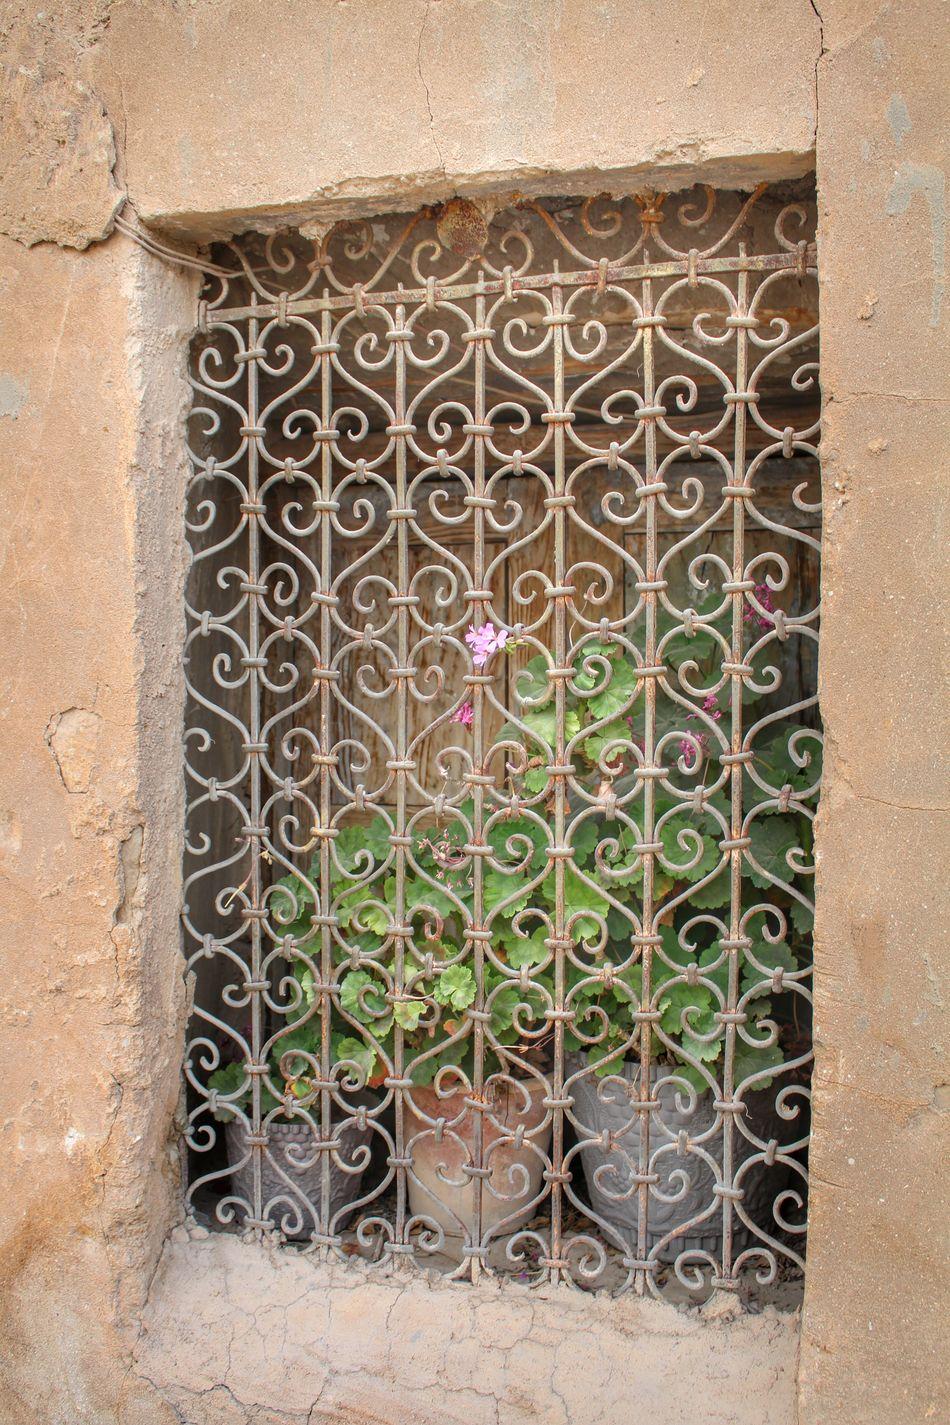 آزادی چیز مضحکی است، وقتی زیبایی را نیز از آن بی بهره ساختیم، با دستهایمان، همین دستهای معصوم.. Beauty In Nature Nature Majestic Scenics No People Plant From My Point Of View Shiraz, Iran Flowers Abstract Freedom HUMANITY Fine Art